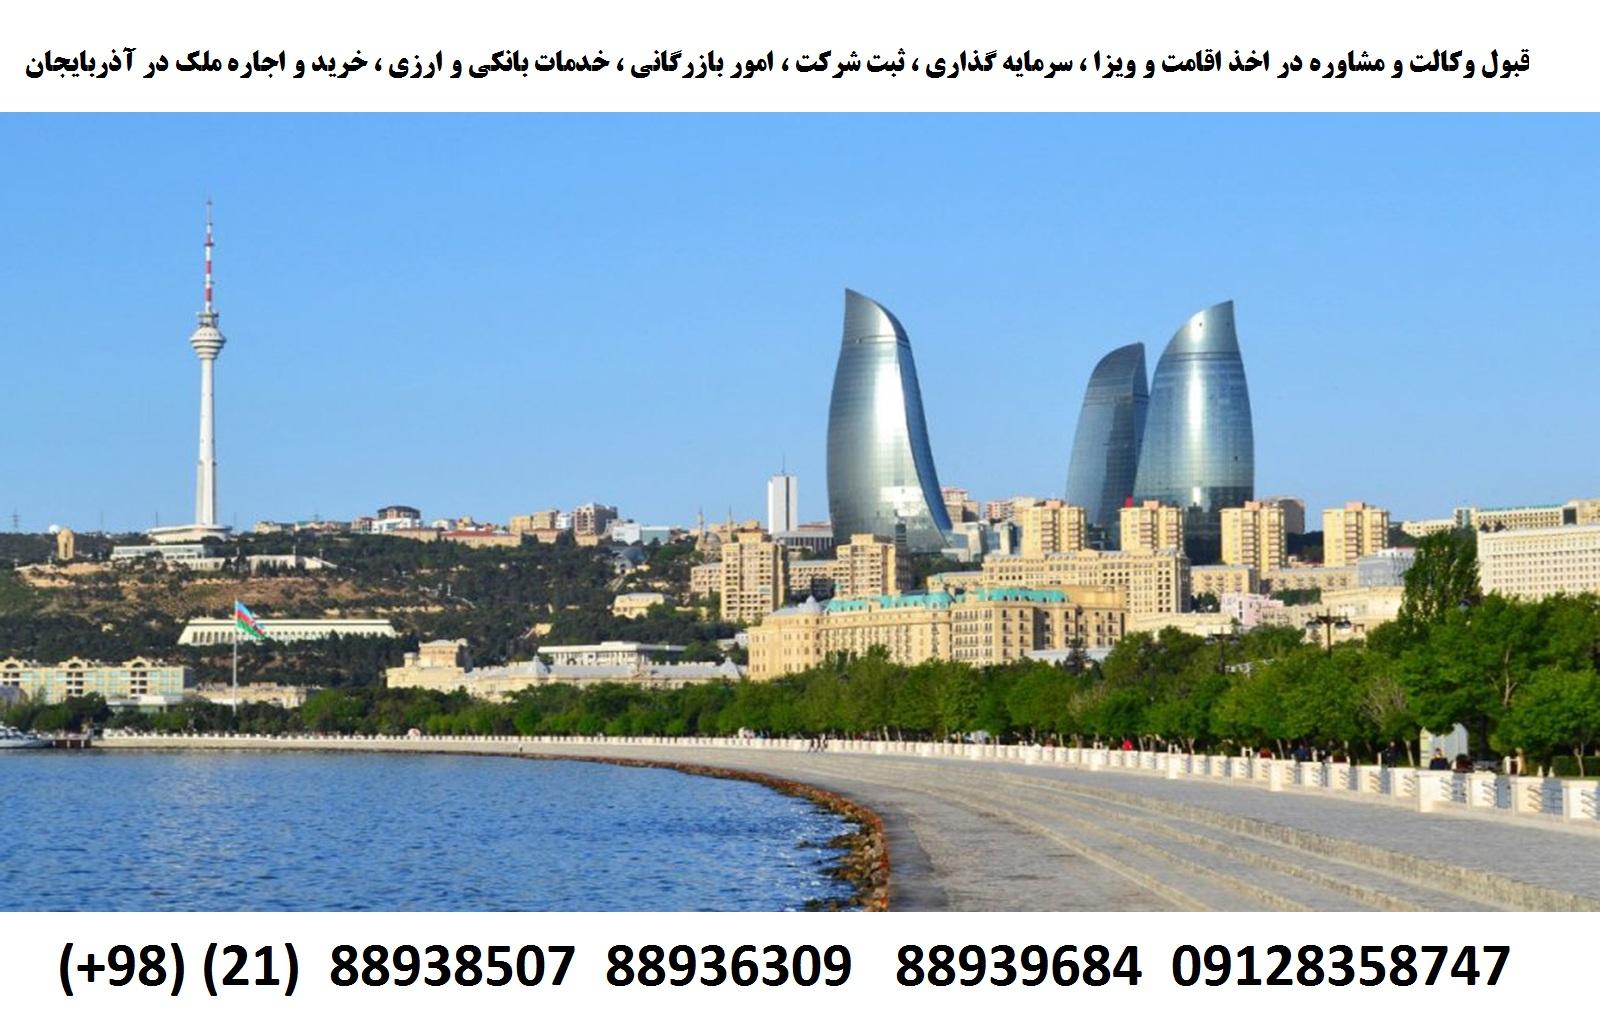 اقامت ، ویزا ، ثبت شرکت ، سرمایه گذاری در آذربایجان (4)